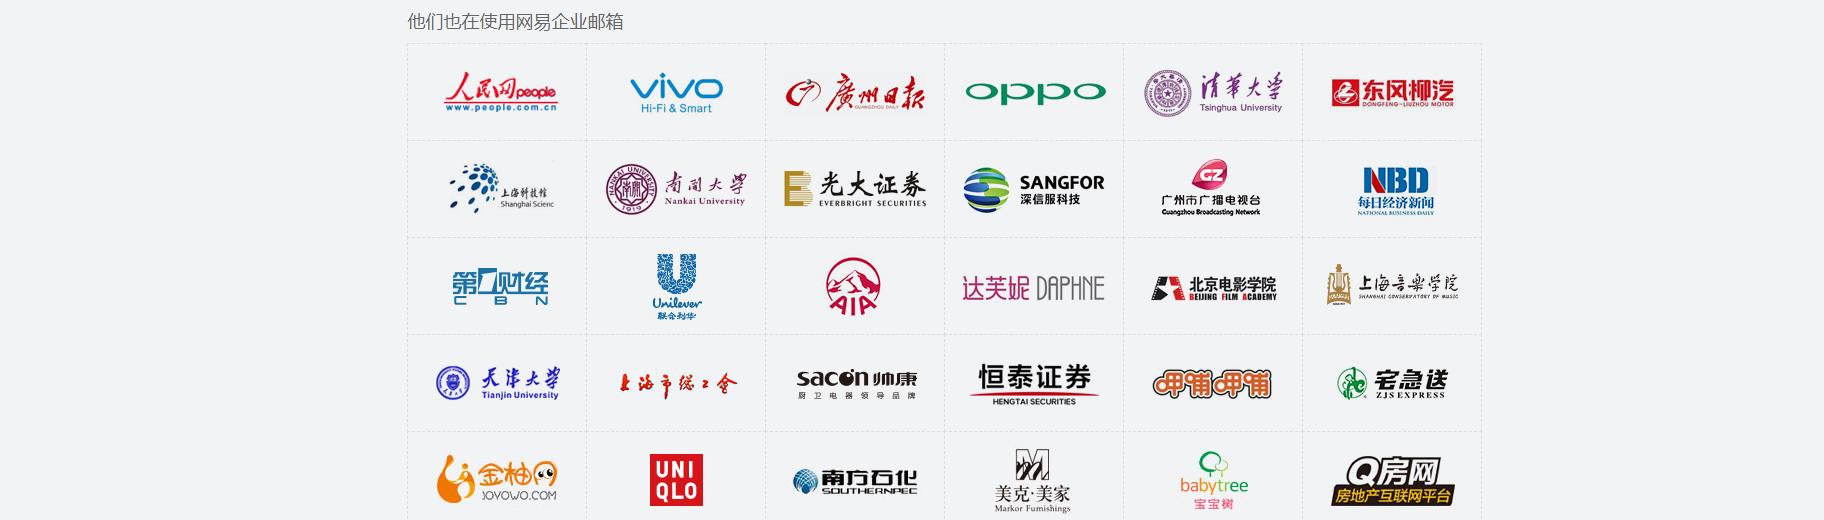 人民网、VIVO、OPPO、清华大学